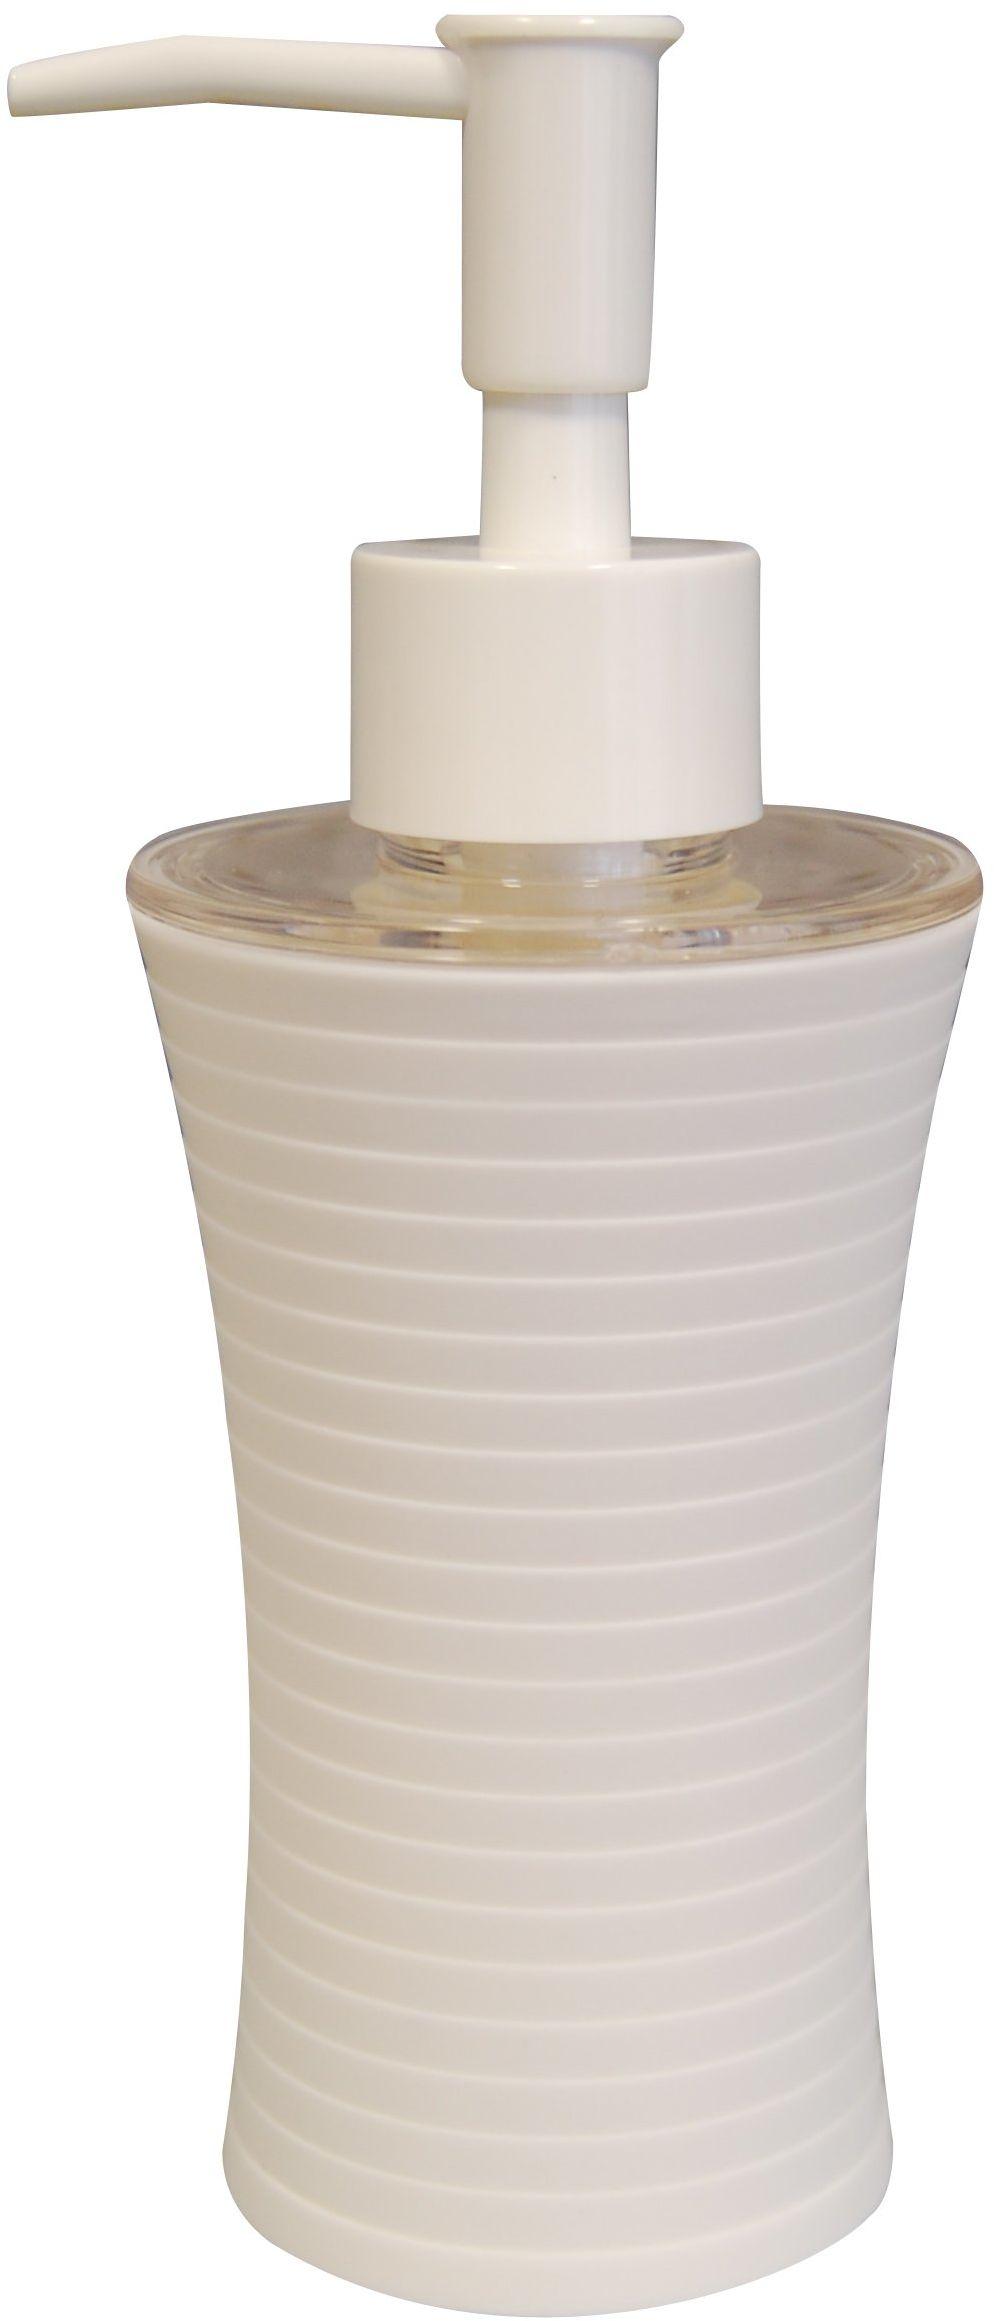 Grund TOWER dozownik mydła 7 x 7 x 18,5 cm, białe akcesoria, 100% powlekany gumą, polipropylen 7 x 7 x 18,5 cm